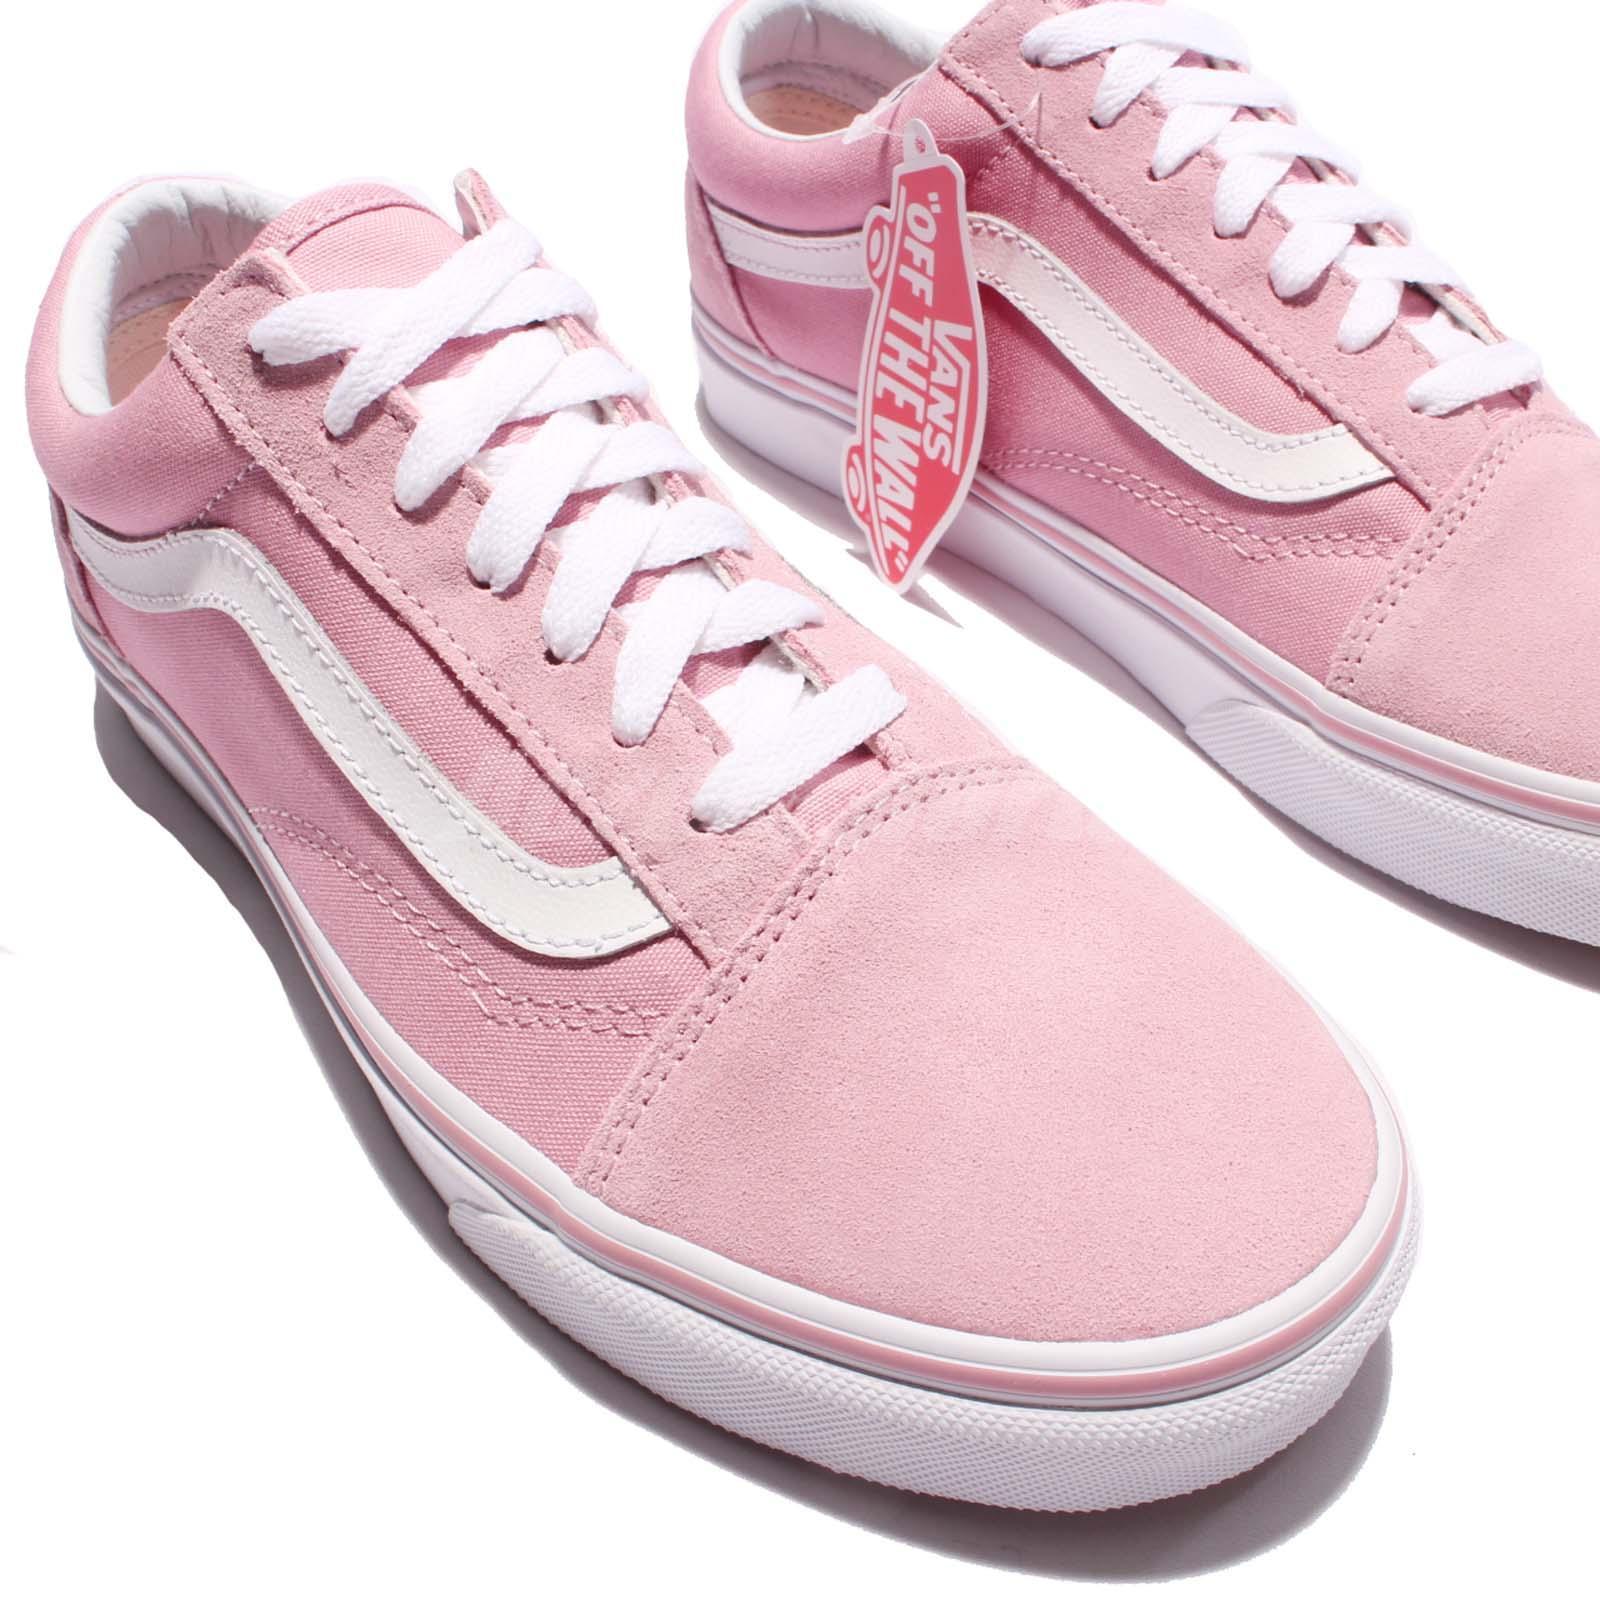 vans vans old skool pink white men women skateboarding. Black Bedroom Furniture Sets. Home Design Ideas